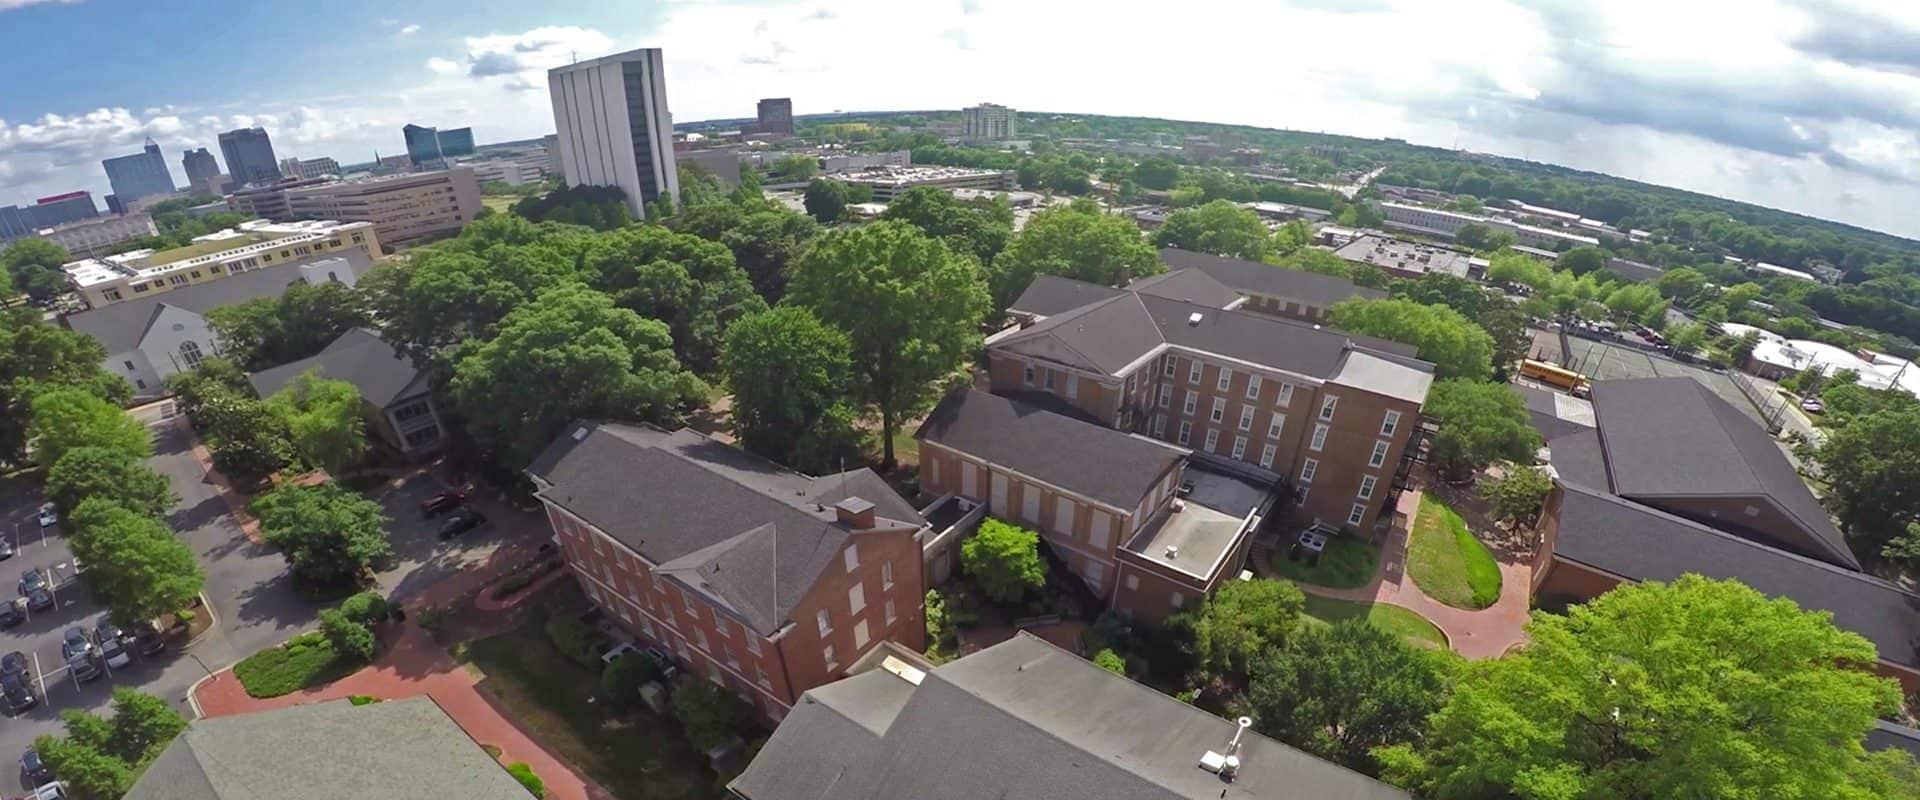 Explore Global Studies at WPU